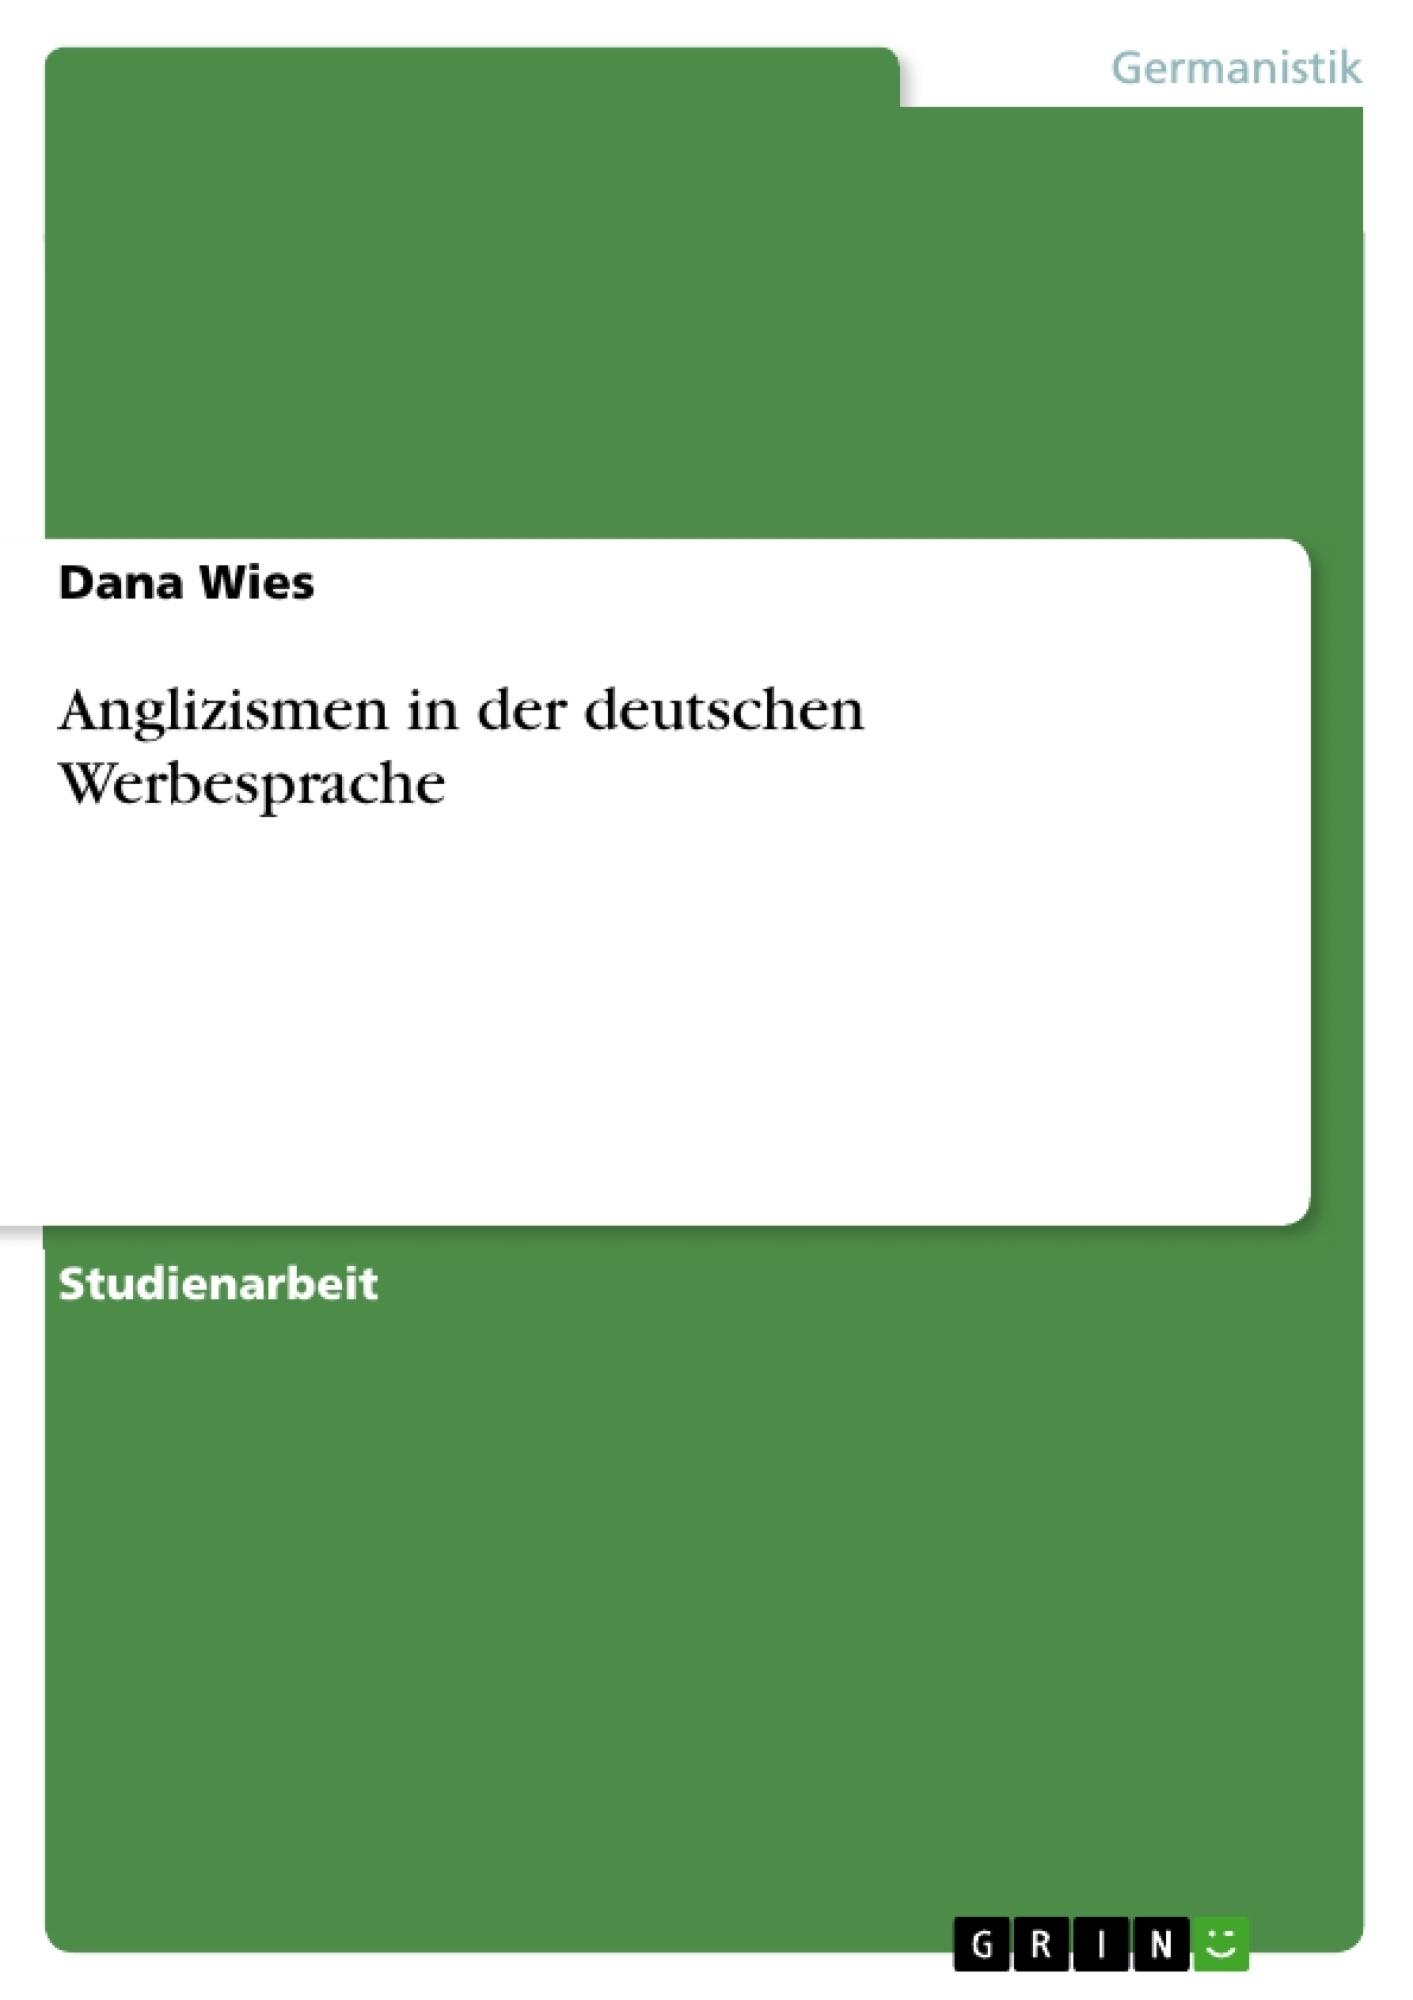 Titel: Anglizismen in der deutschen Werbesprache